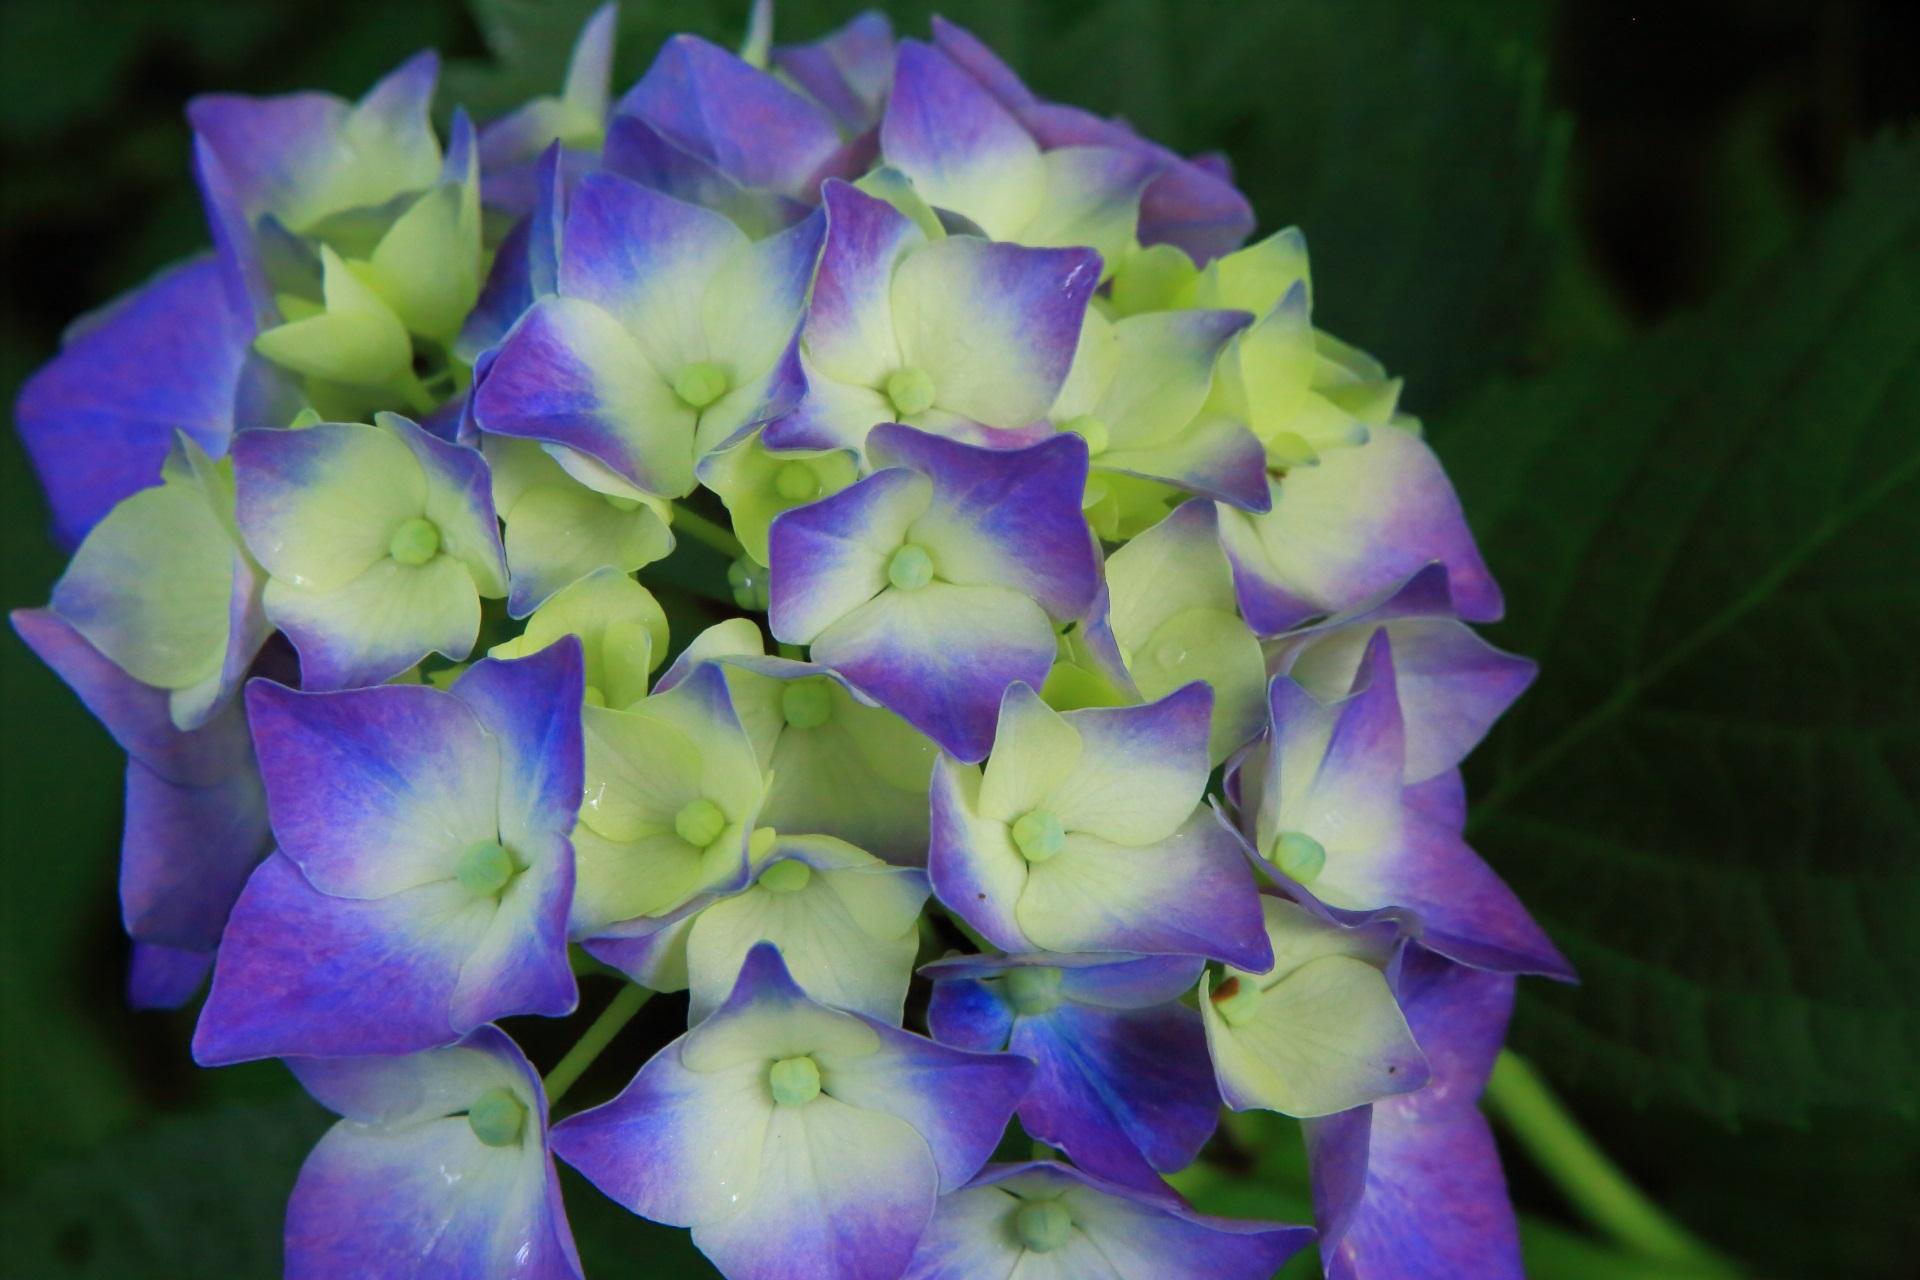 華やかさの中にも風情が感じられるしっとりとした紫陽花